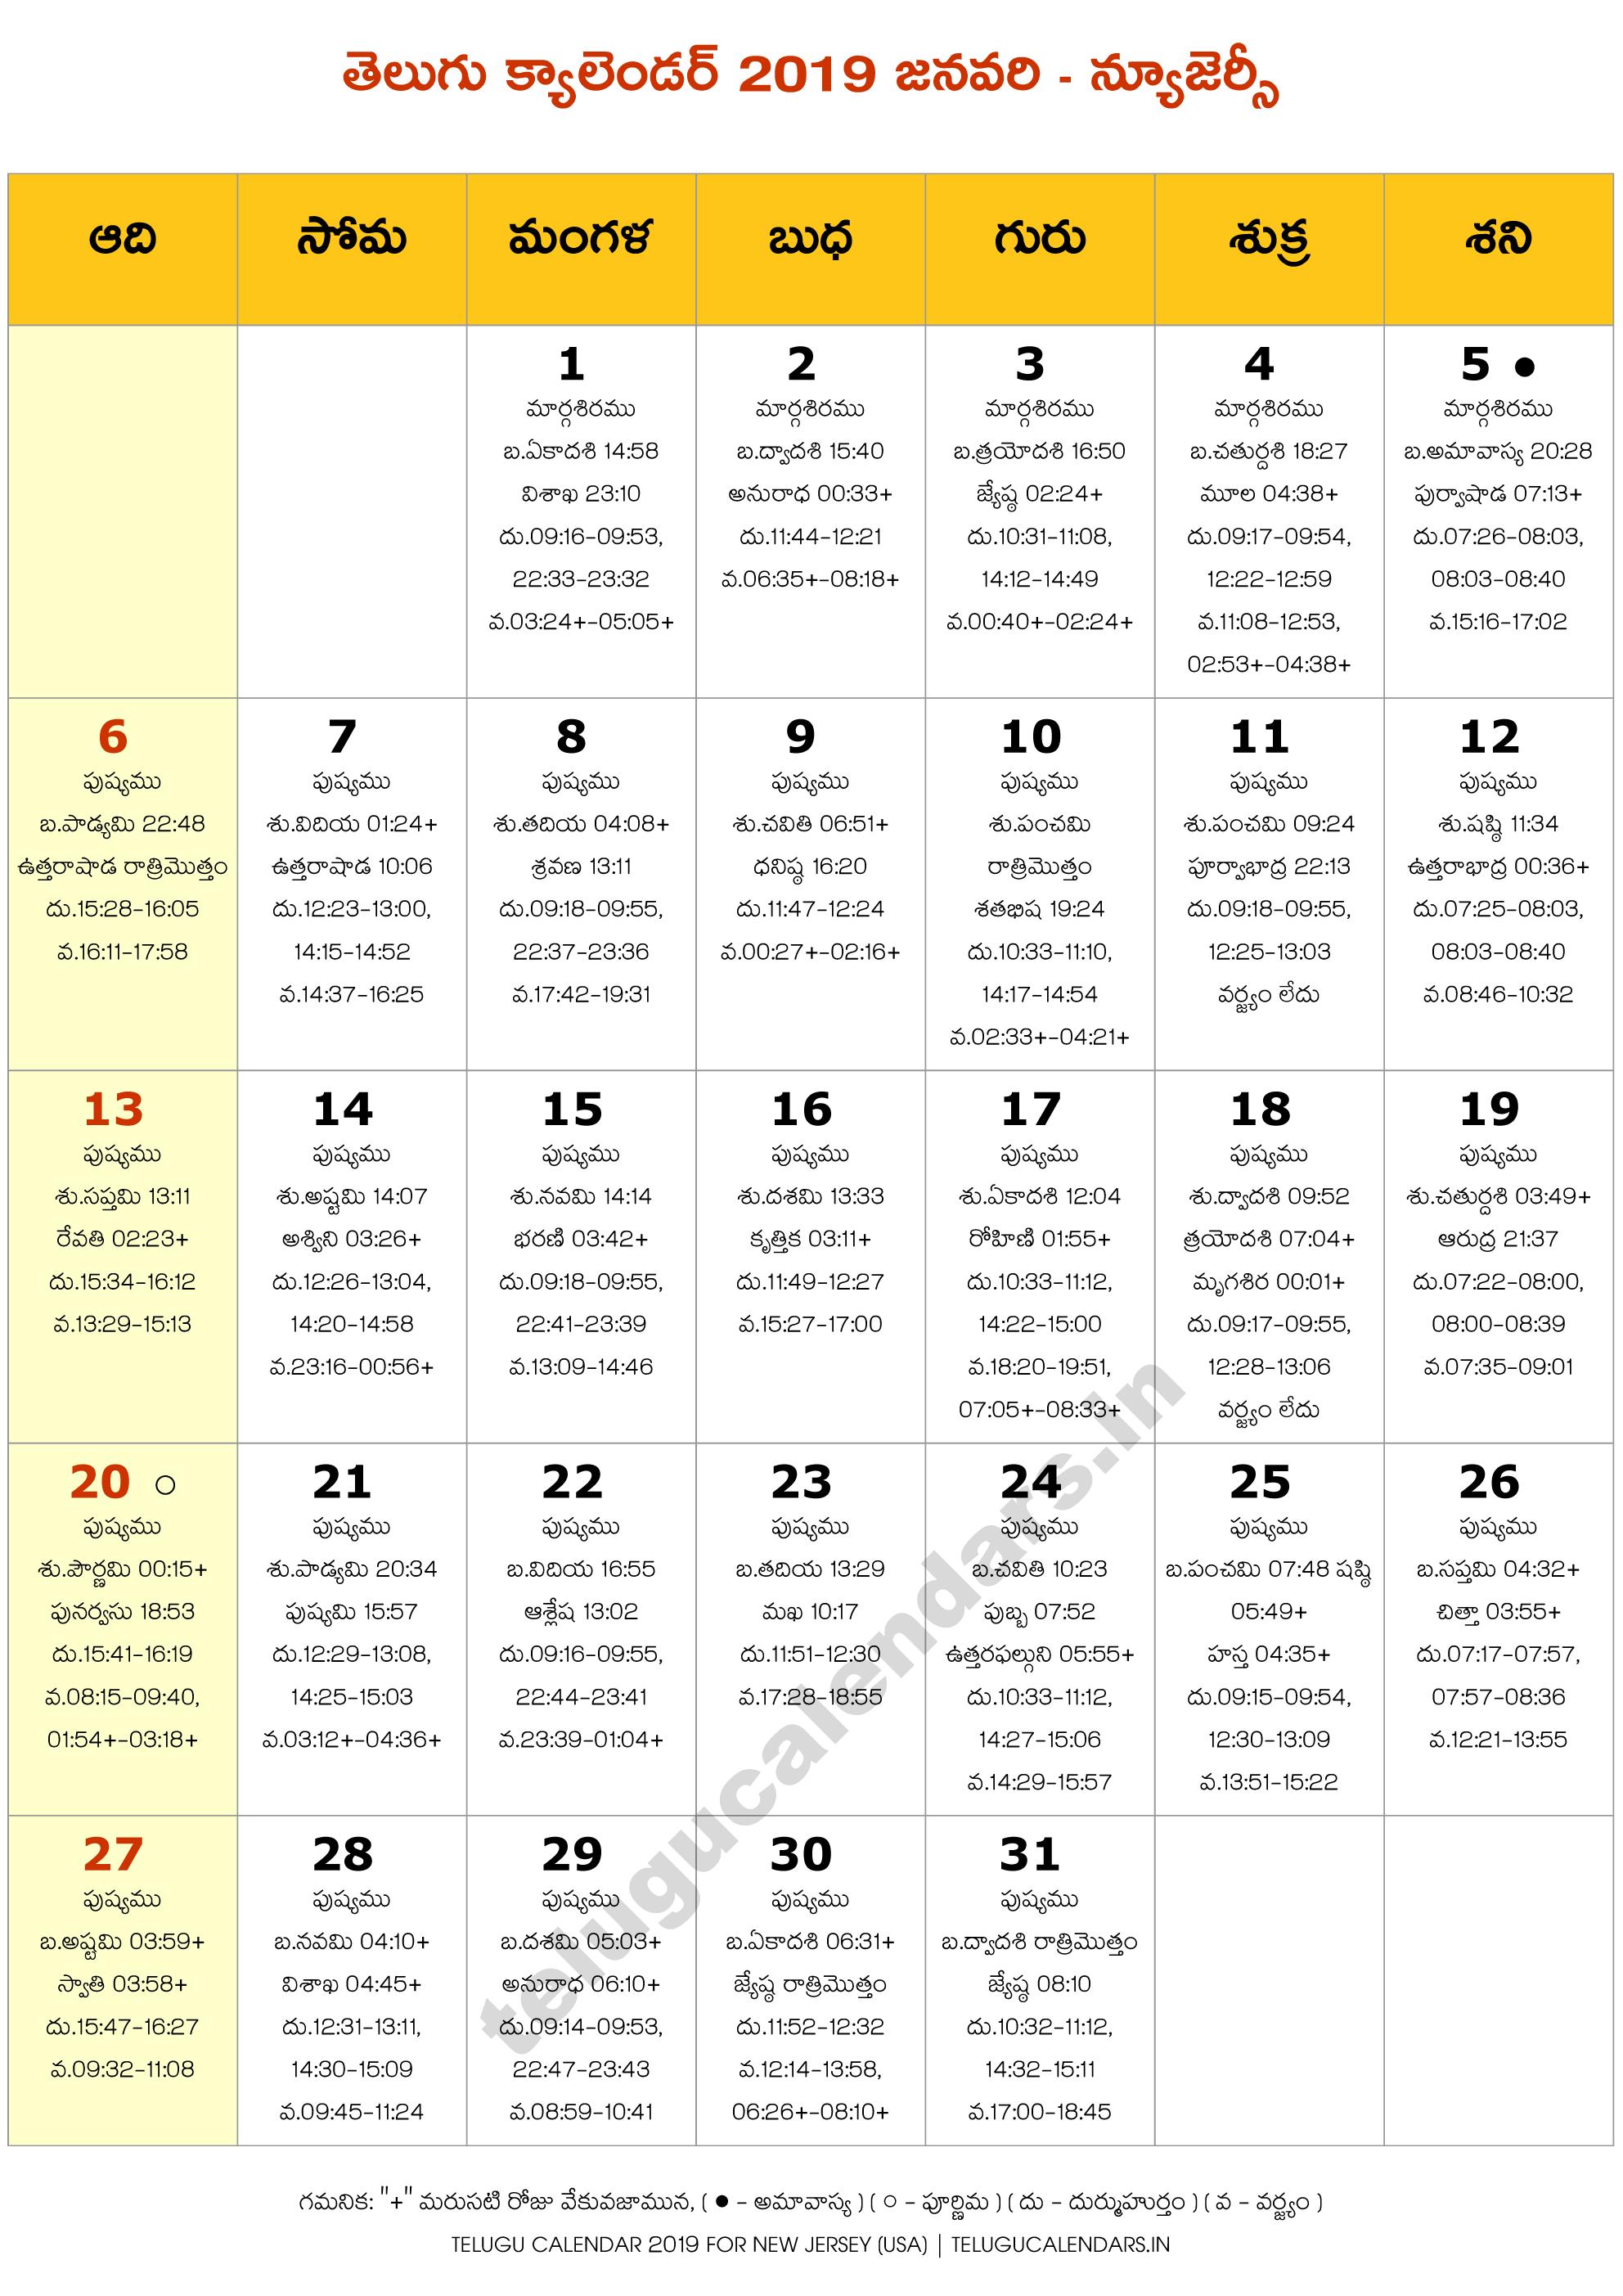 New Jersey 2019 January Telugu Calendar | Telugu Calendars